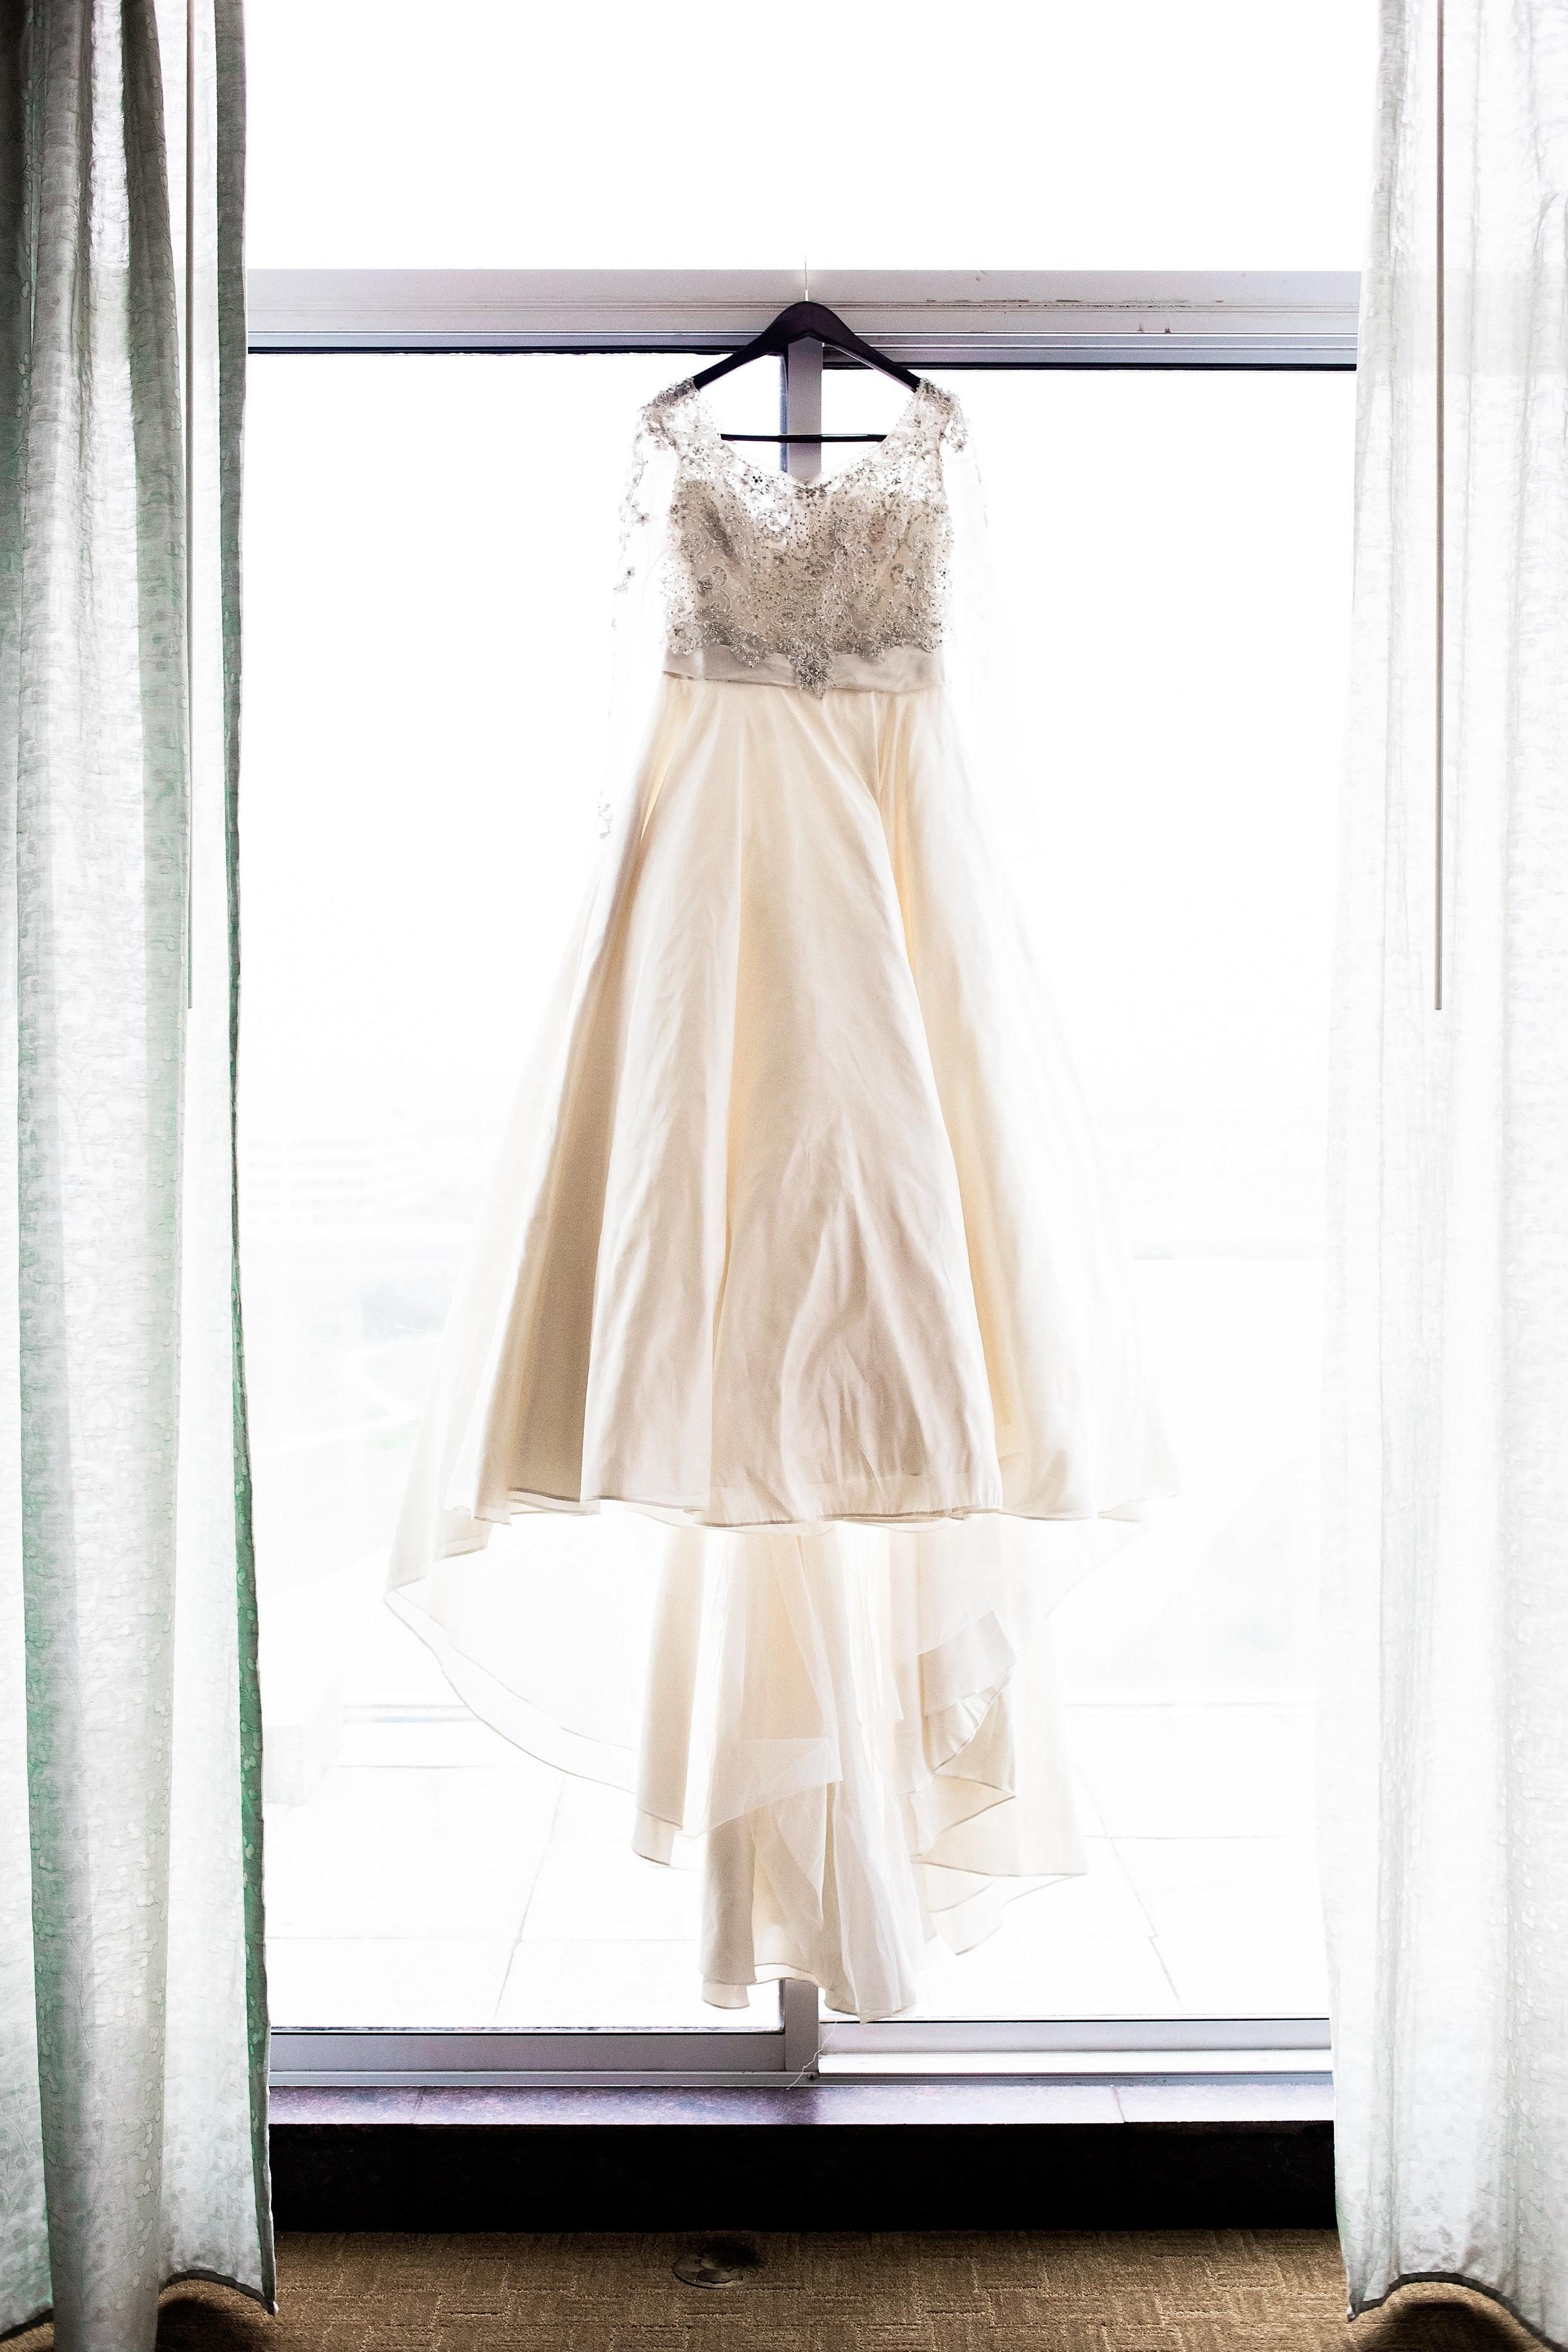 Dallas Wedding- Pharris Photography- Dorian + Chauncy- Bridal Gown- Wedding Dress- Getting Ready